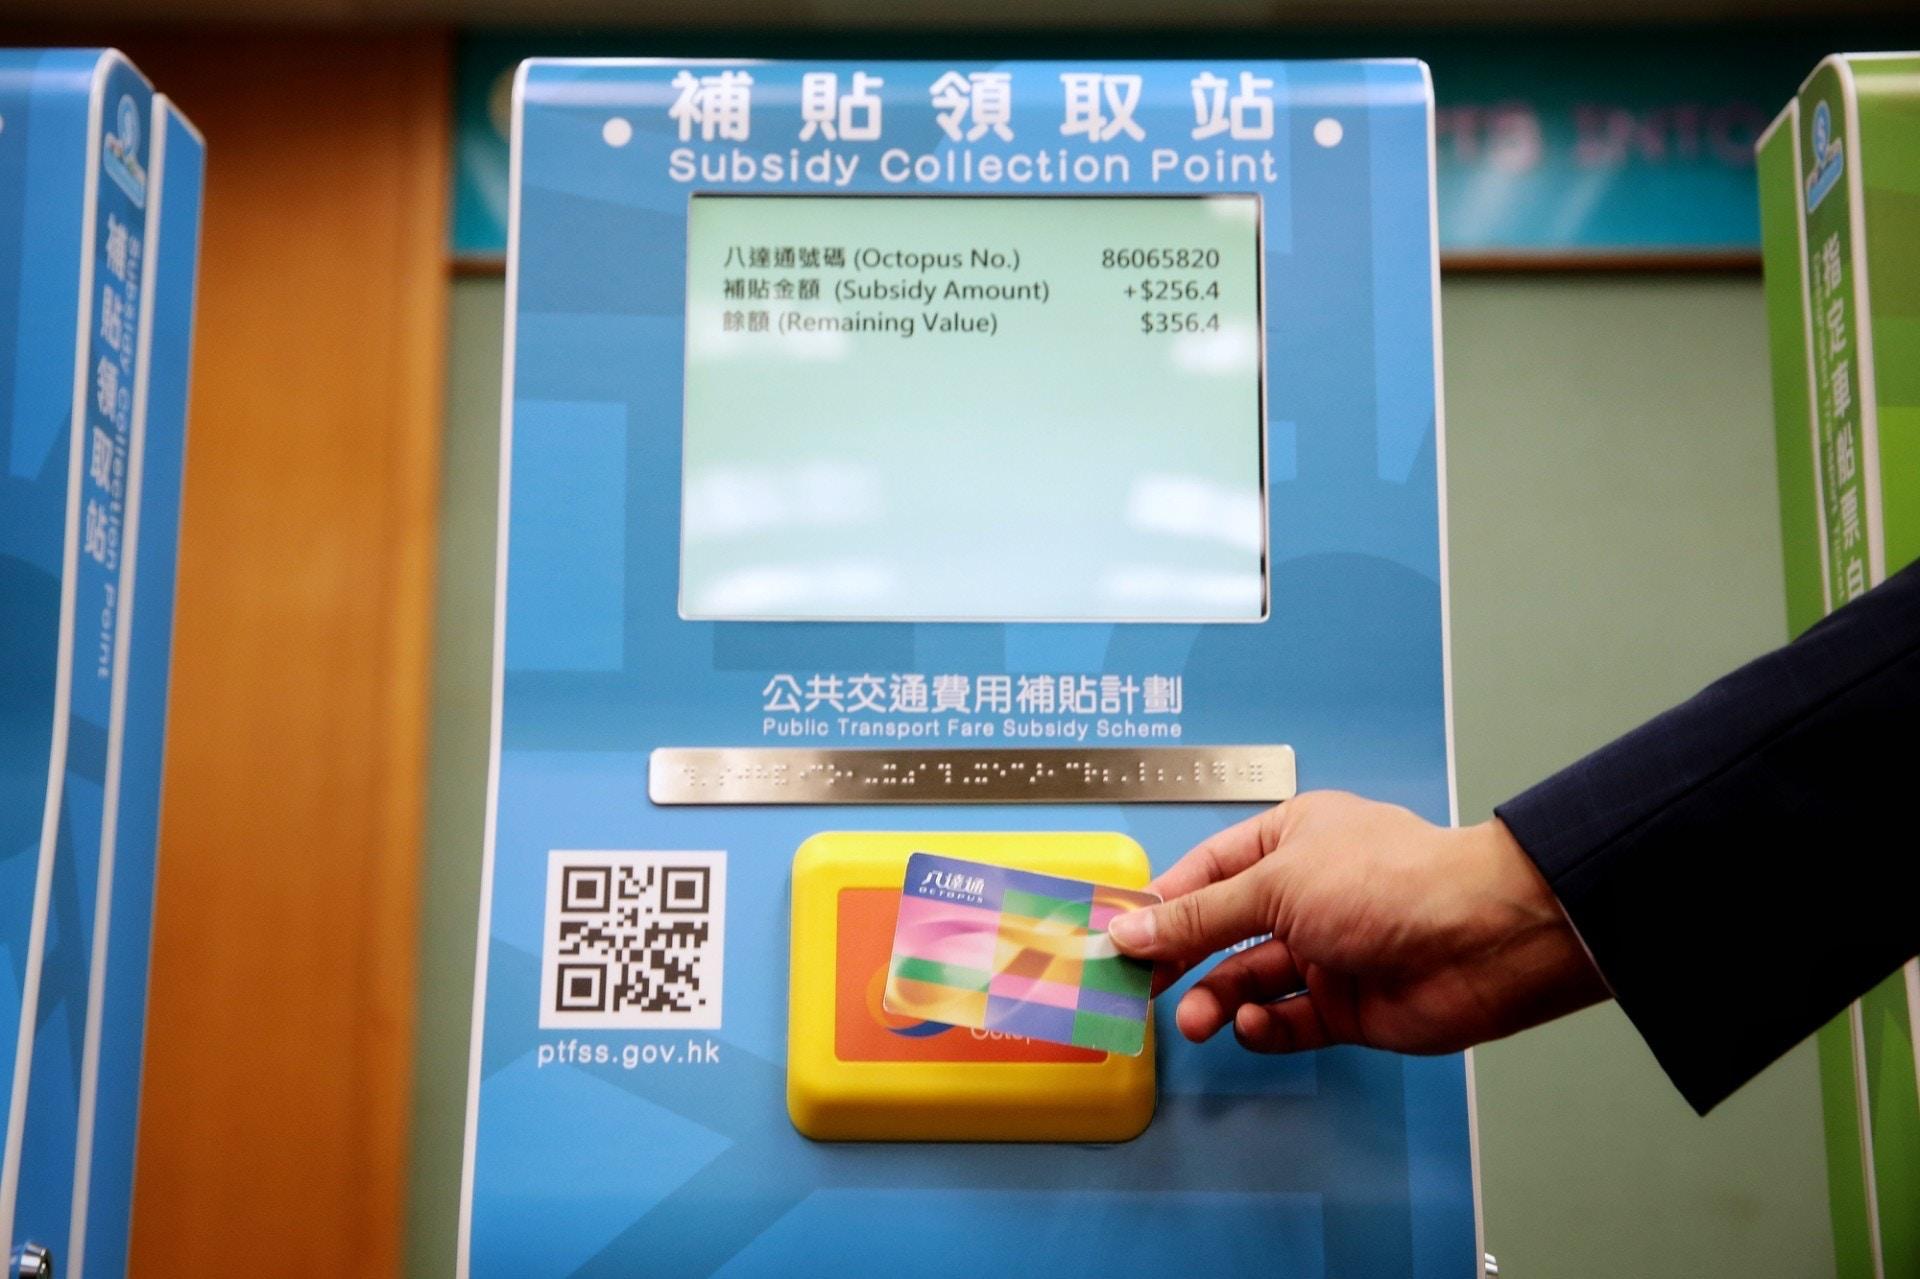 【交通津貼】免入息審查公共交通費用補貼計劃 明年元旦起實施|香港01|社會新聞